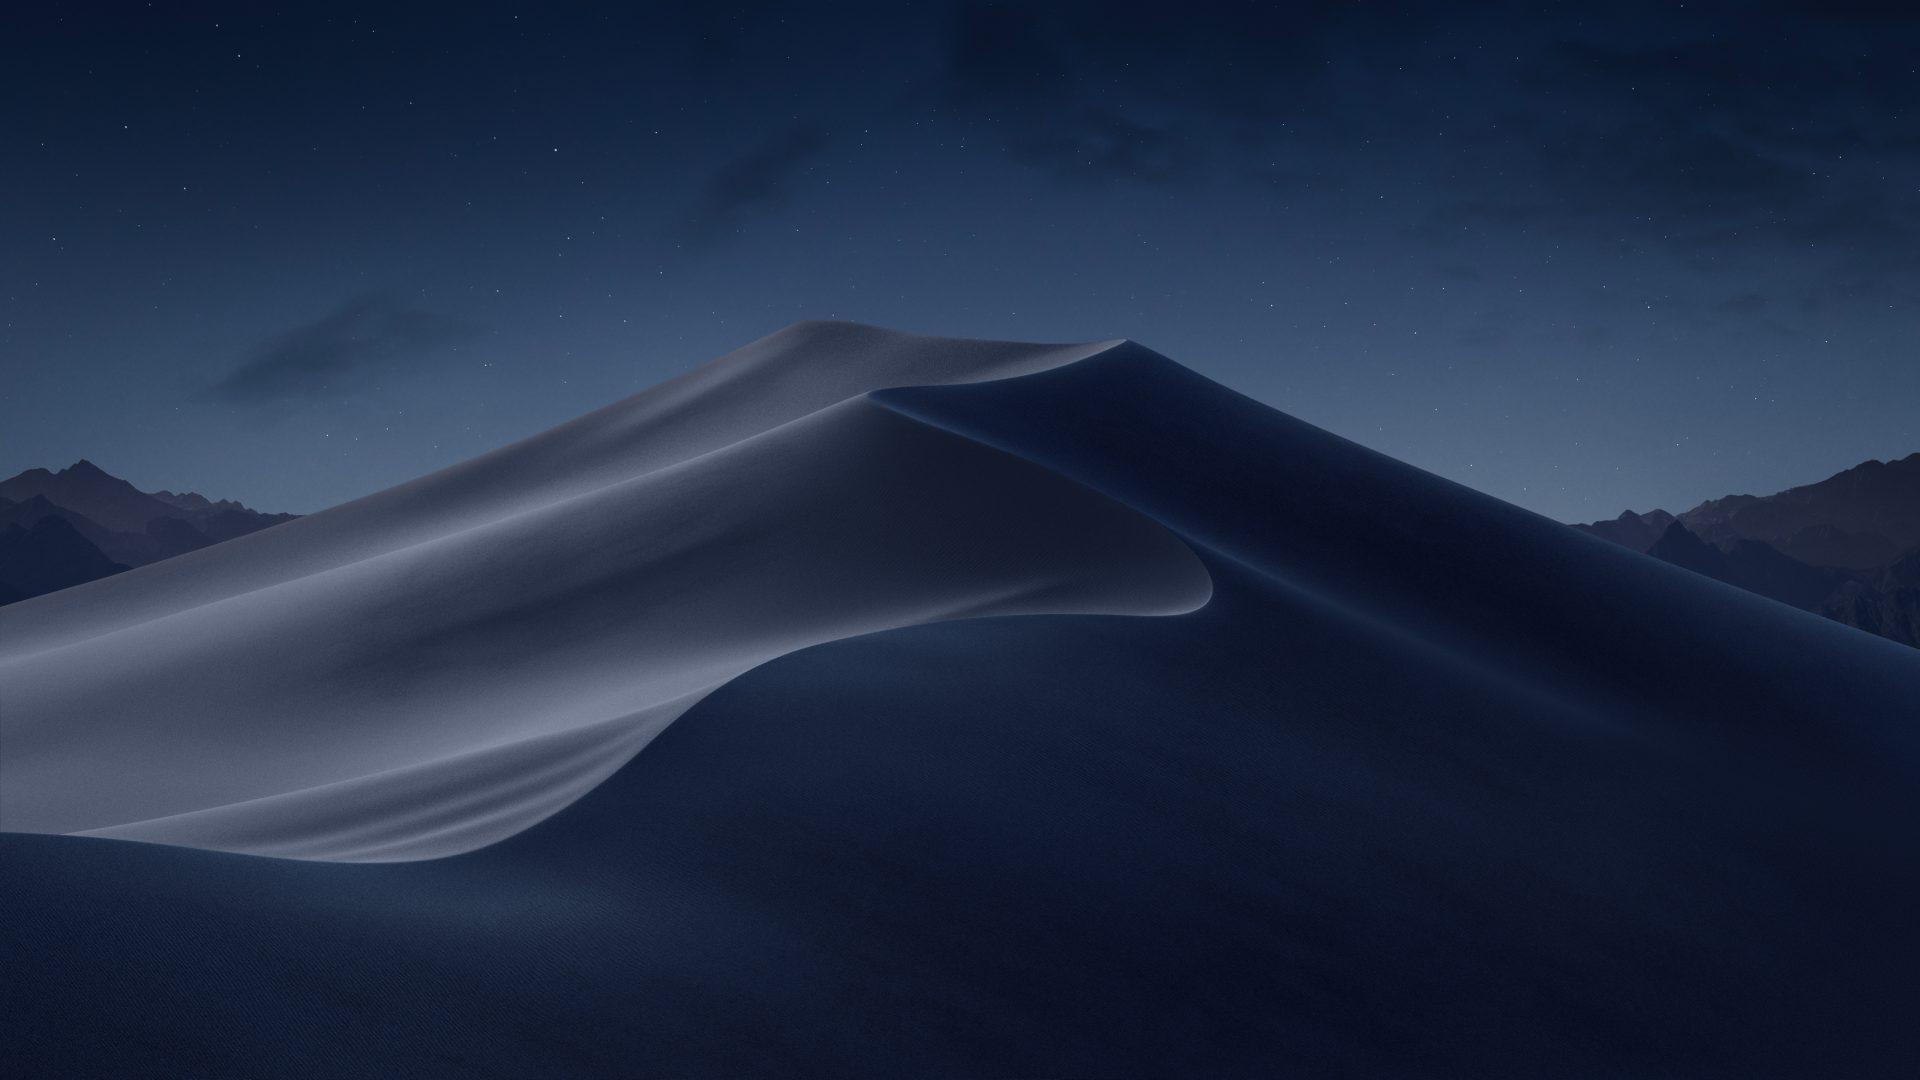 Apple rilascia macOS 10.14 Mojave in tutto il mondo